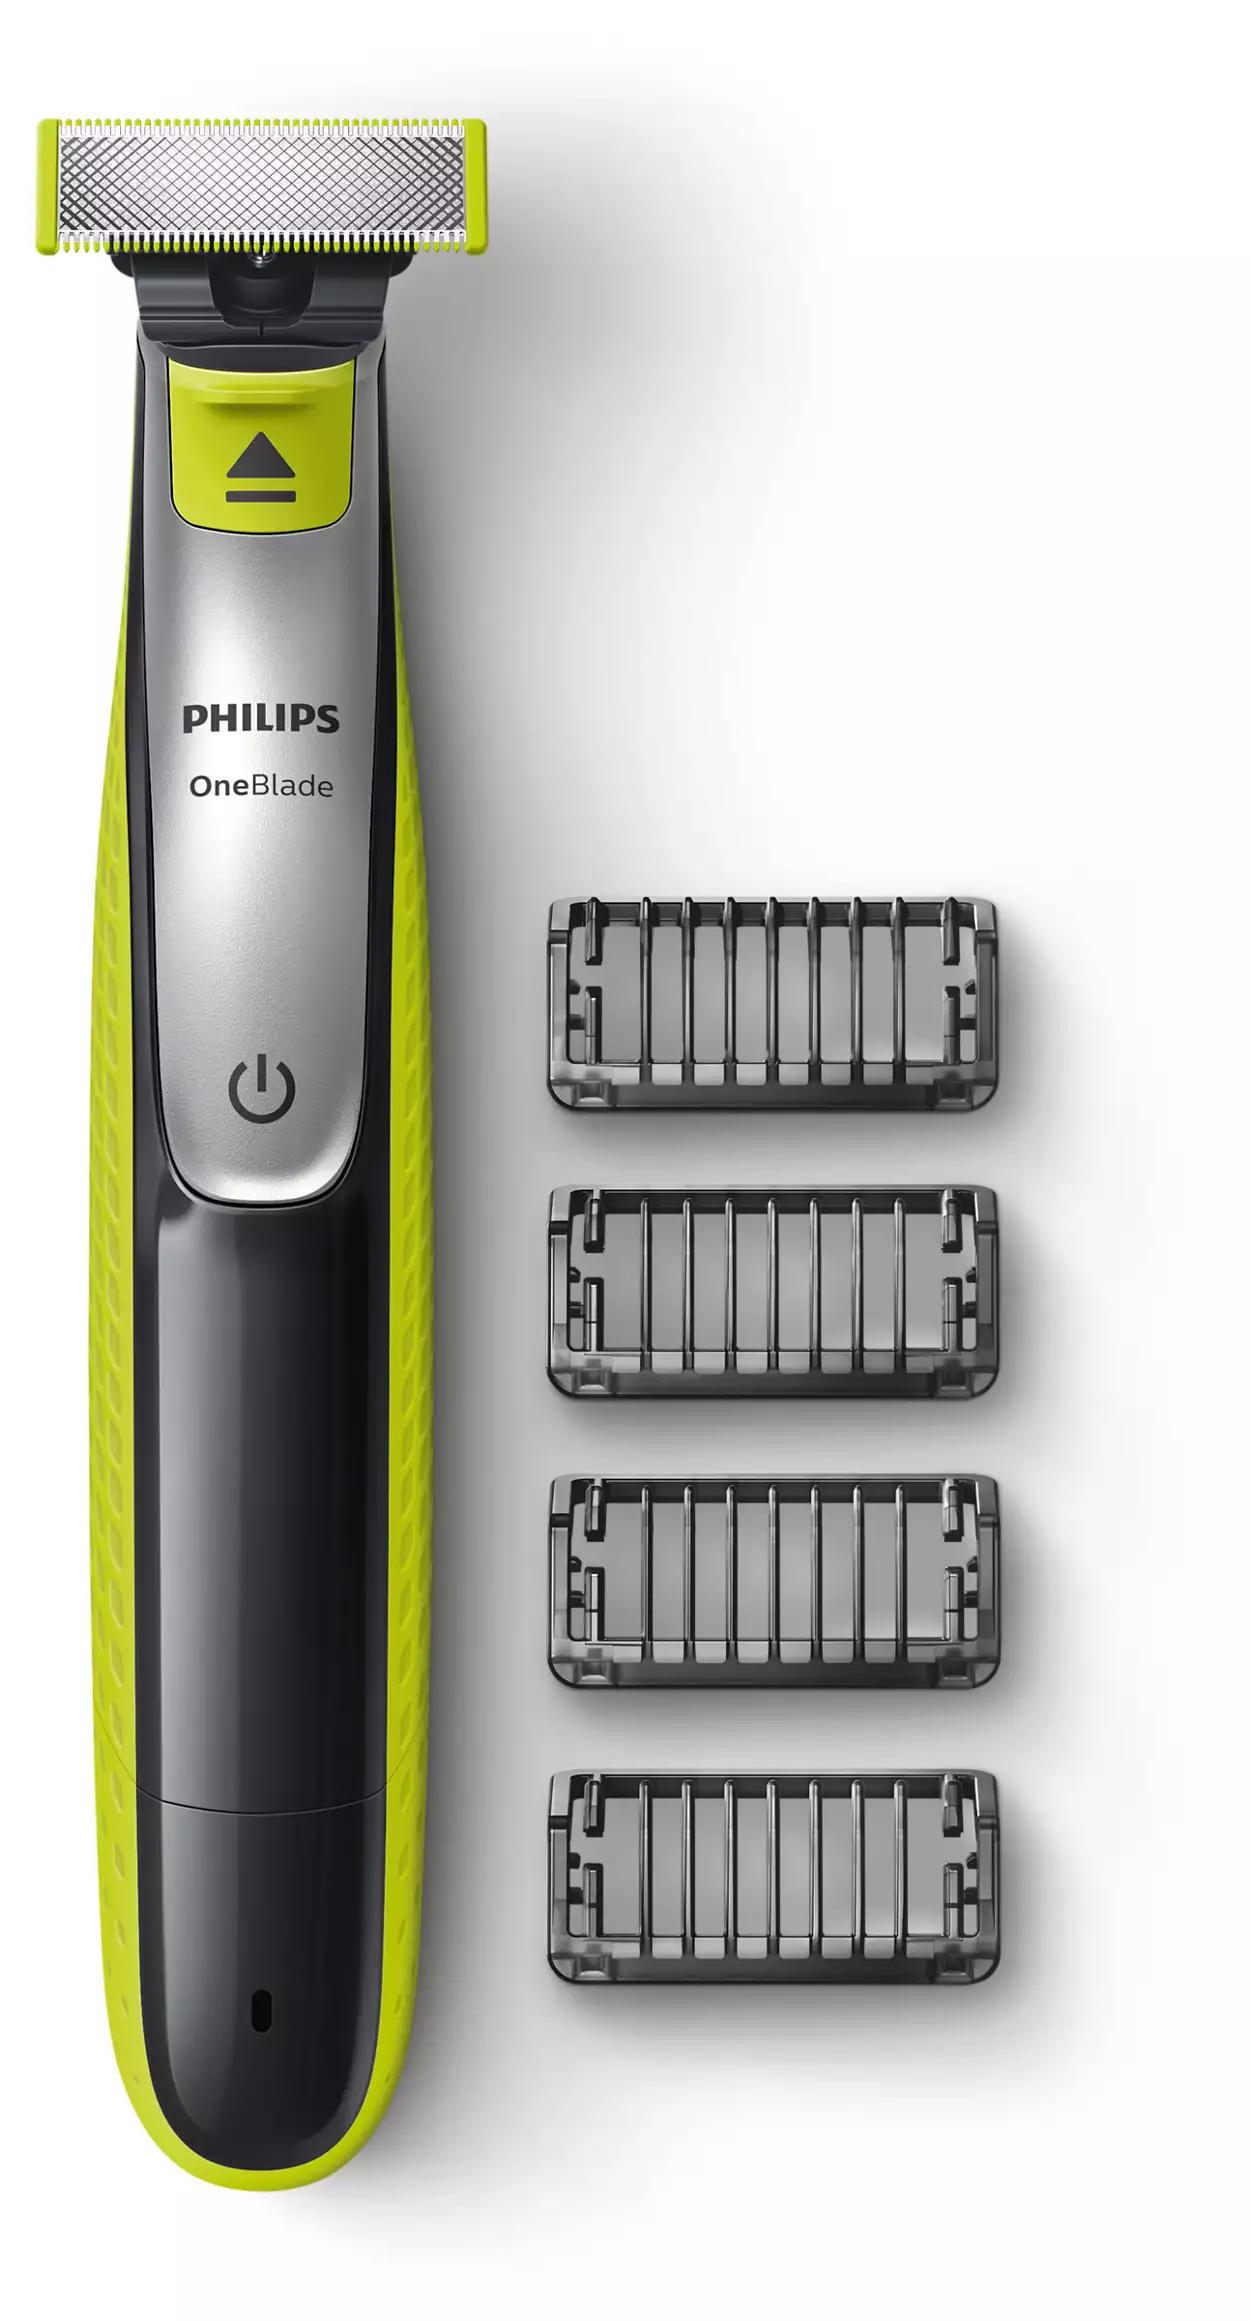 Philips OneBlade QP2530/20 Rasierer mit 4 Aufsätzen